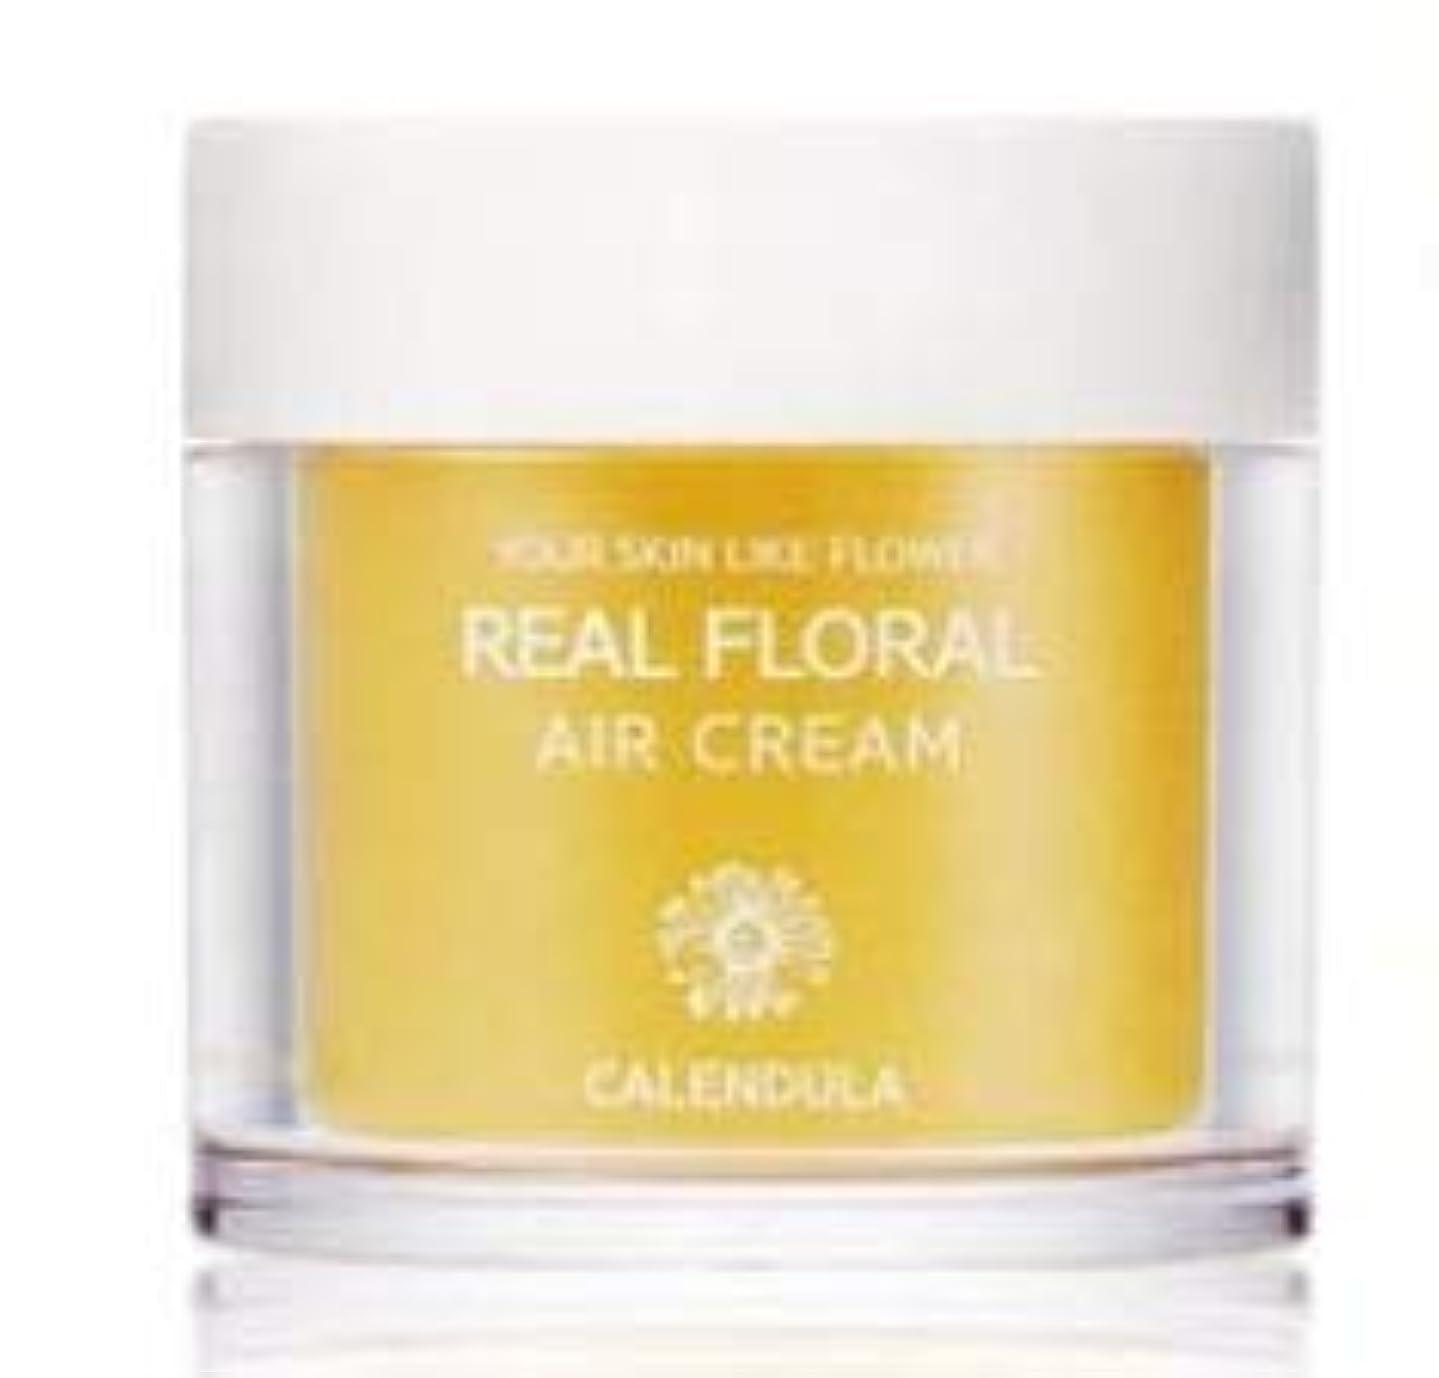 拒否踊り子冊子NATURAL PACIFIC Real Floral Air Cream 100ml (Calendula) /ナチュラルパシフィック リアル カレンデュラ エア クリーム 100ml [並行輸入品]